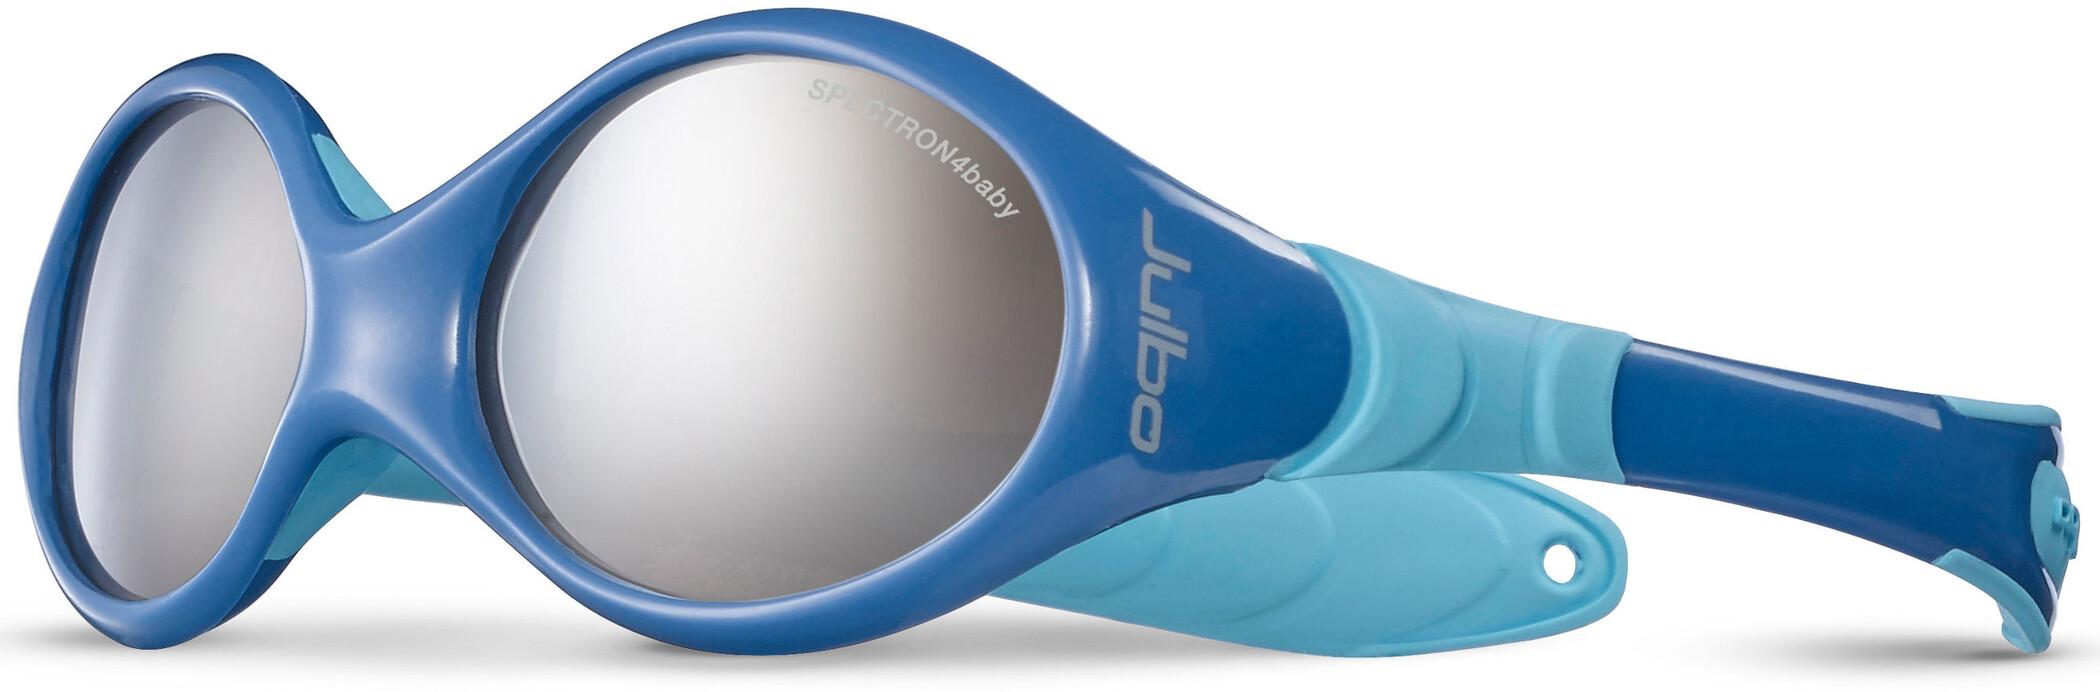 Julbo Looping I Spectron 4 Solbriller 0-18M Børn, blue/sky blue-gray flash silver | Briller